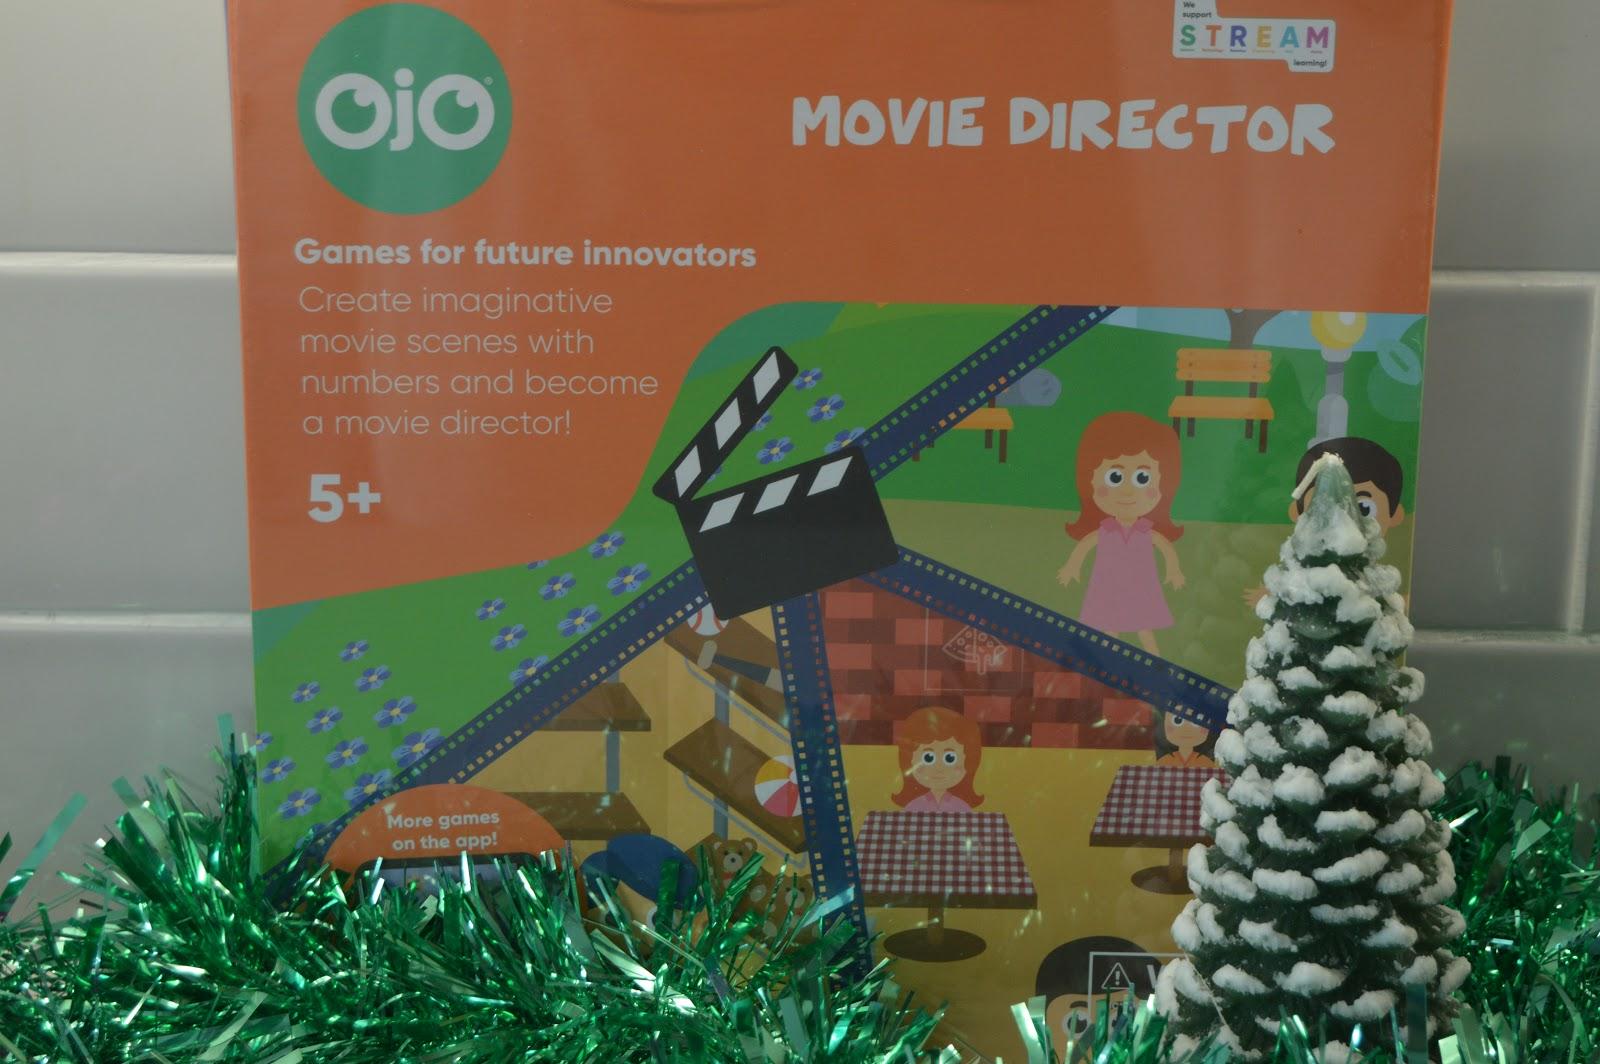 Ojo movie director